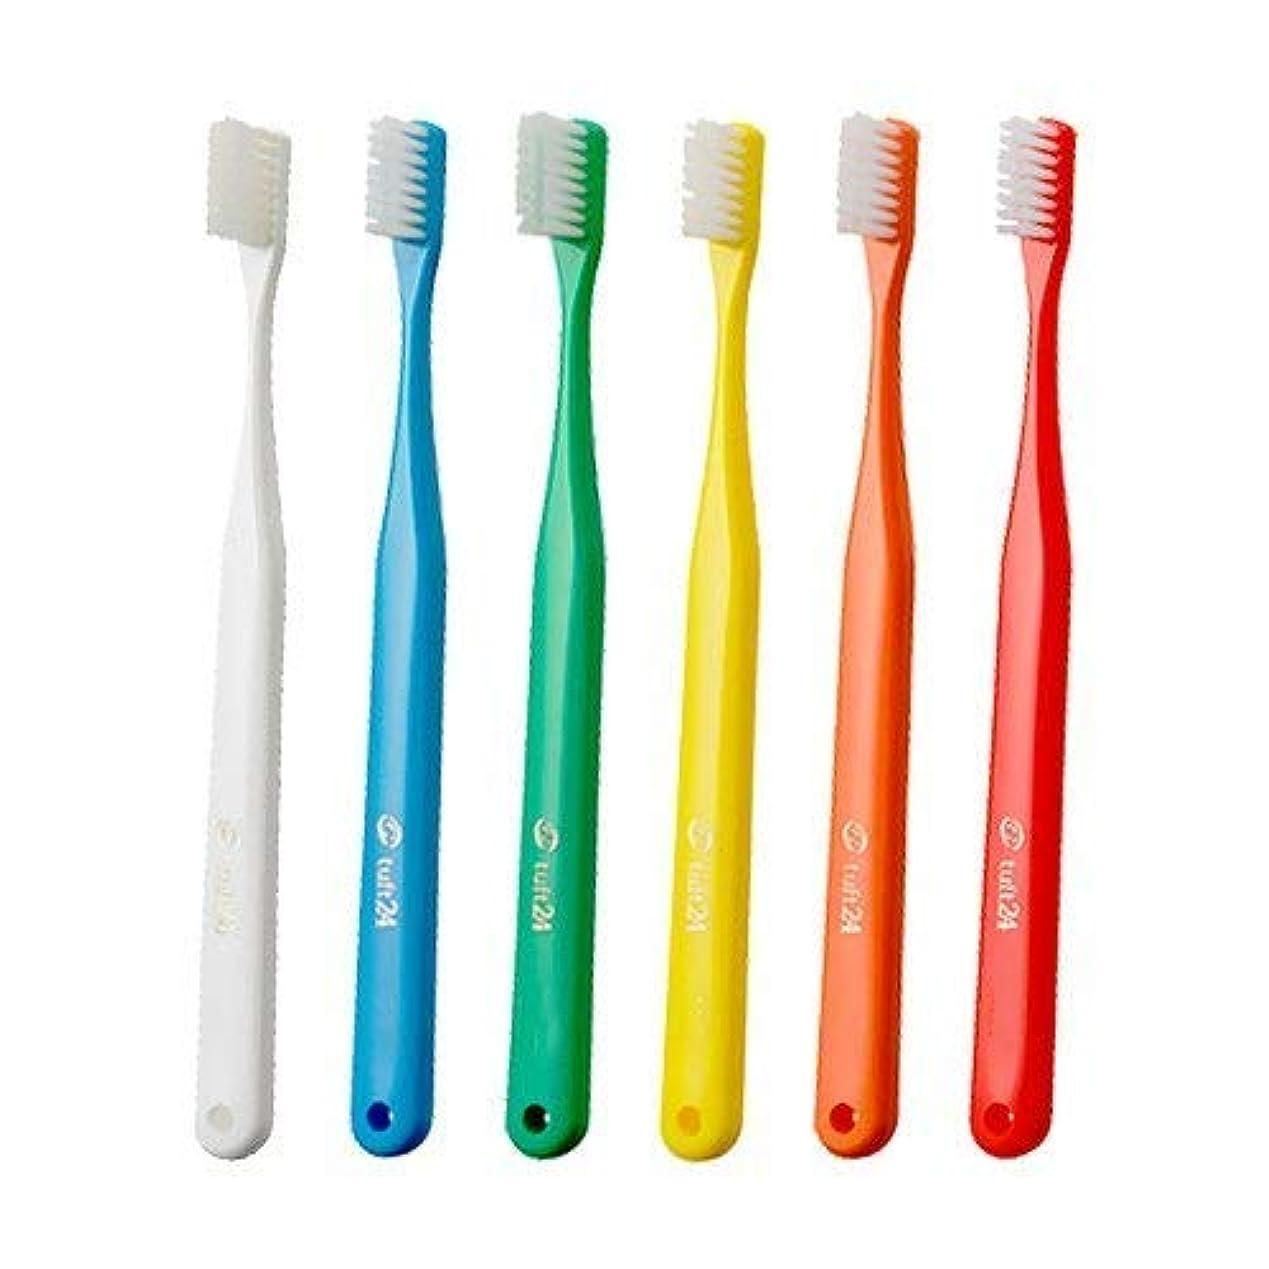 略す効率カテナキャップなし タフト24 歯ブラシ × 10本 (MS)